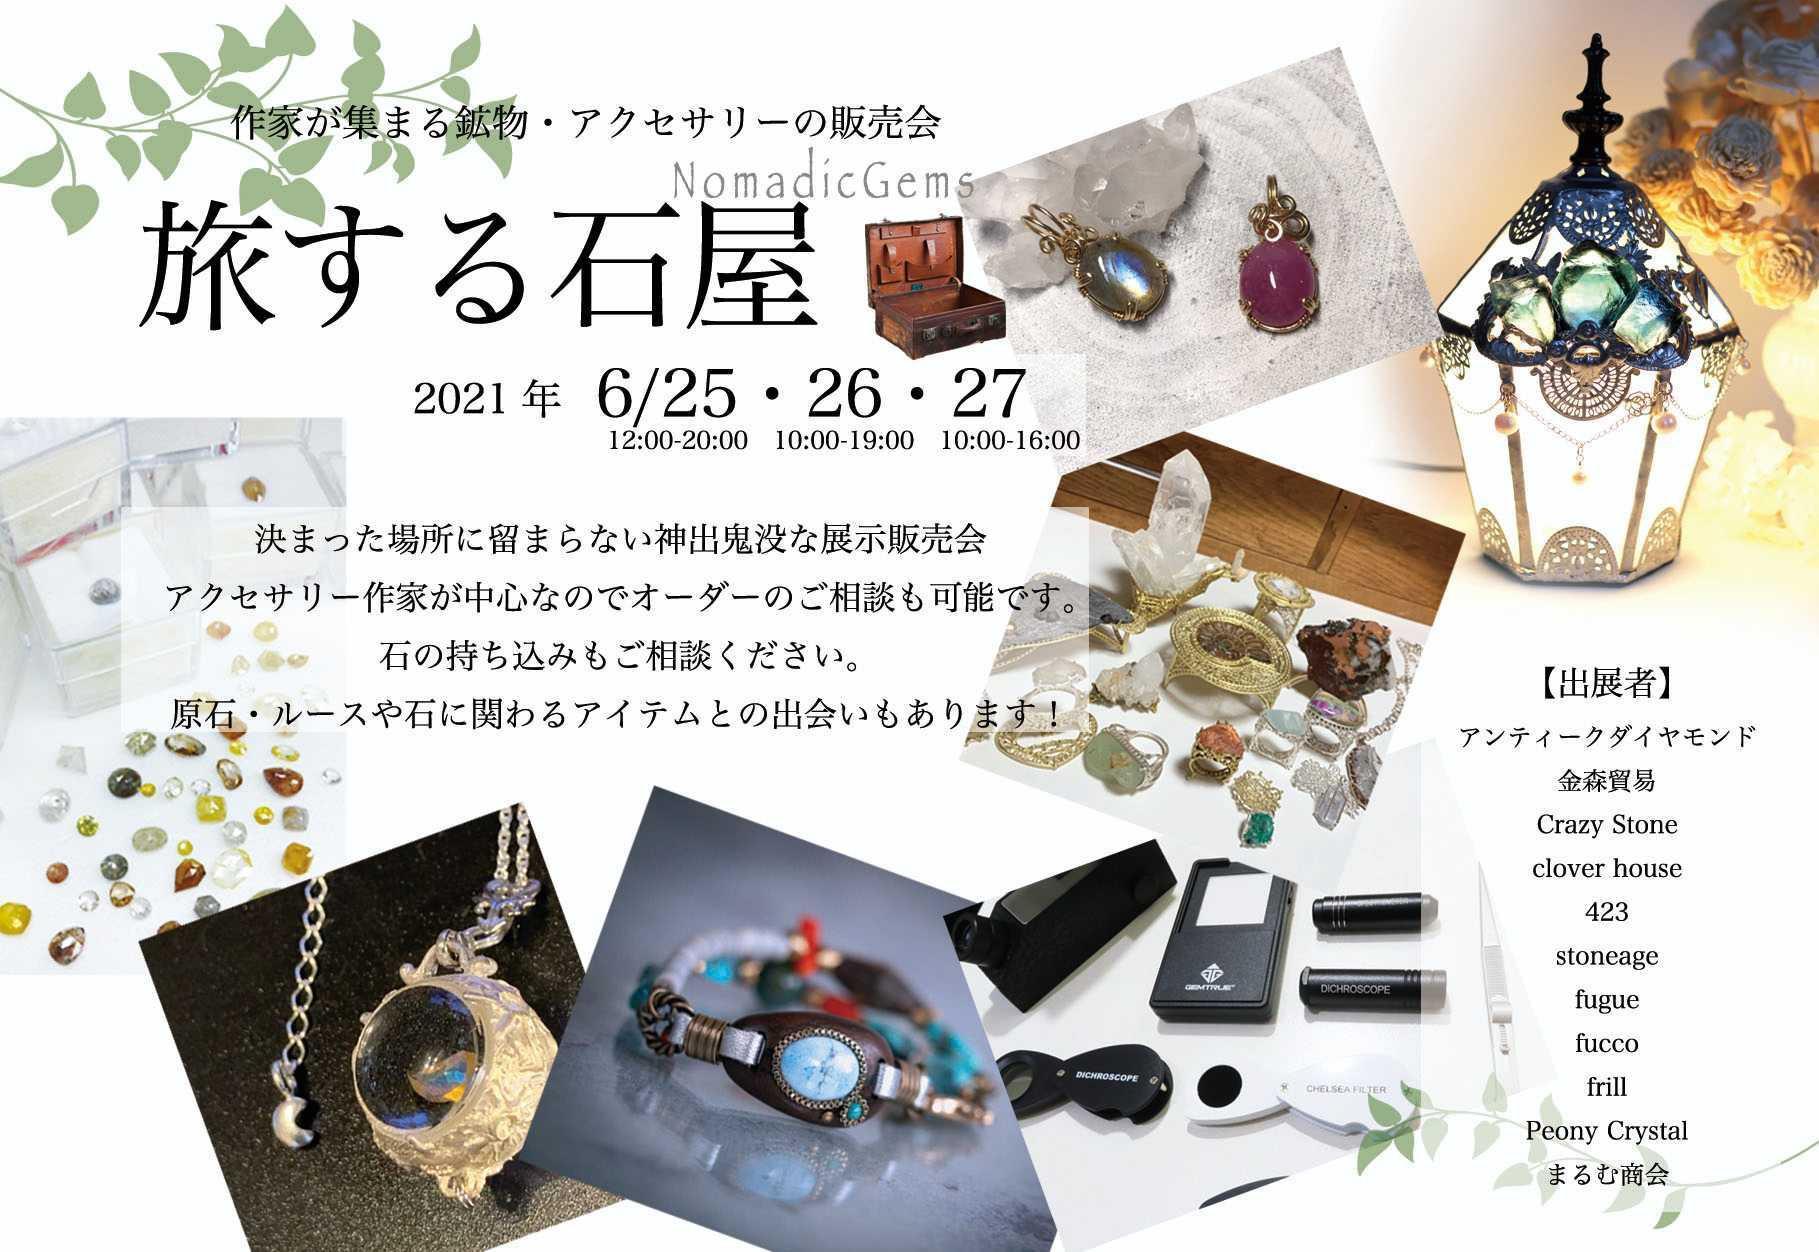 【イベント】旅する石屋@秋葉原